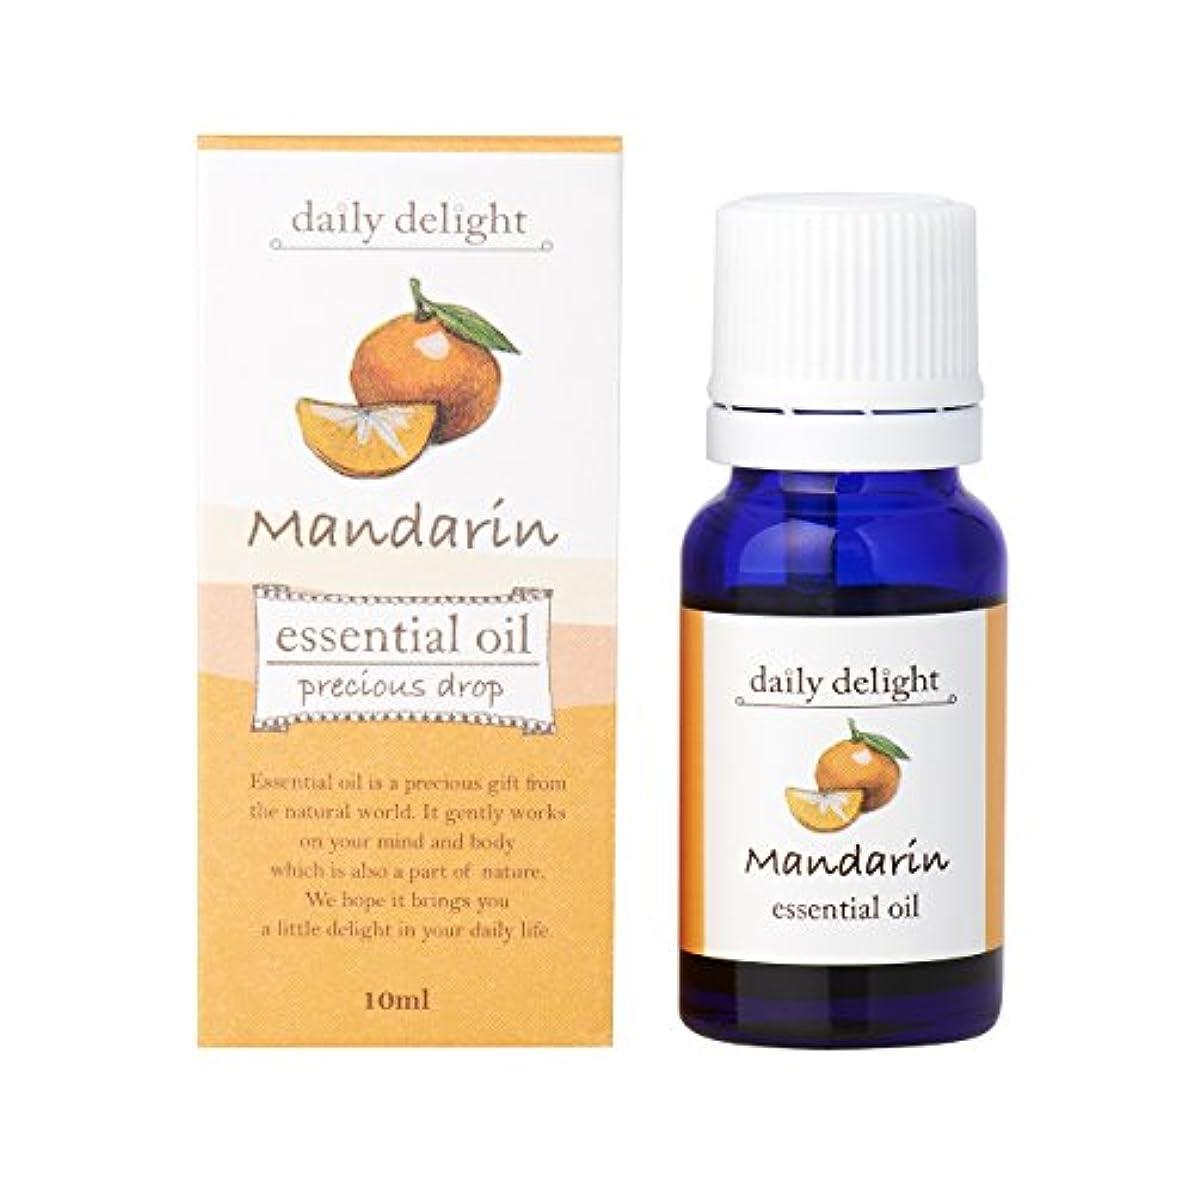 錆びカラスフォーカスデイリーディライト エッセンシャルオイル  マンダリン 10ml(天然100% 精油 アロマ 柑橘系 オレンジに似ているがより穏やかで落ち着いた印象の香り)